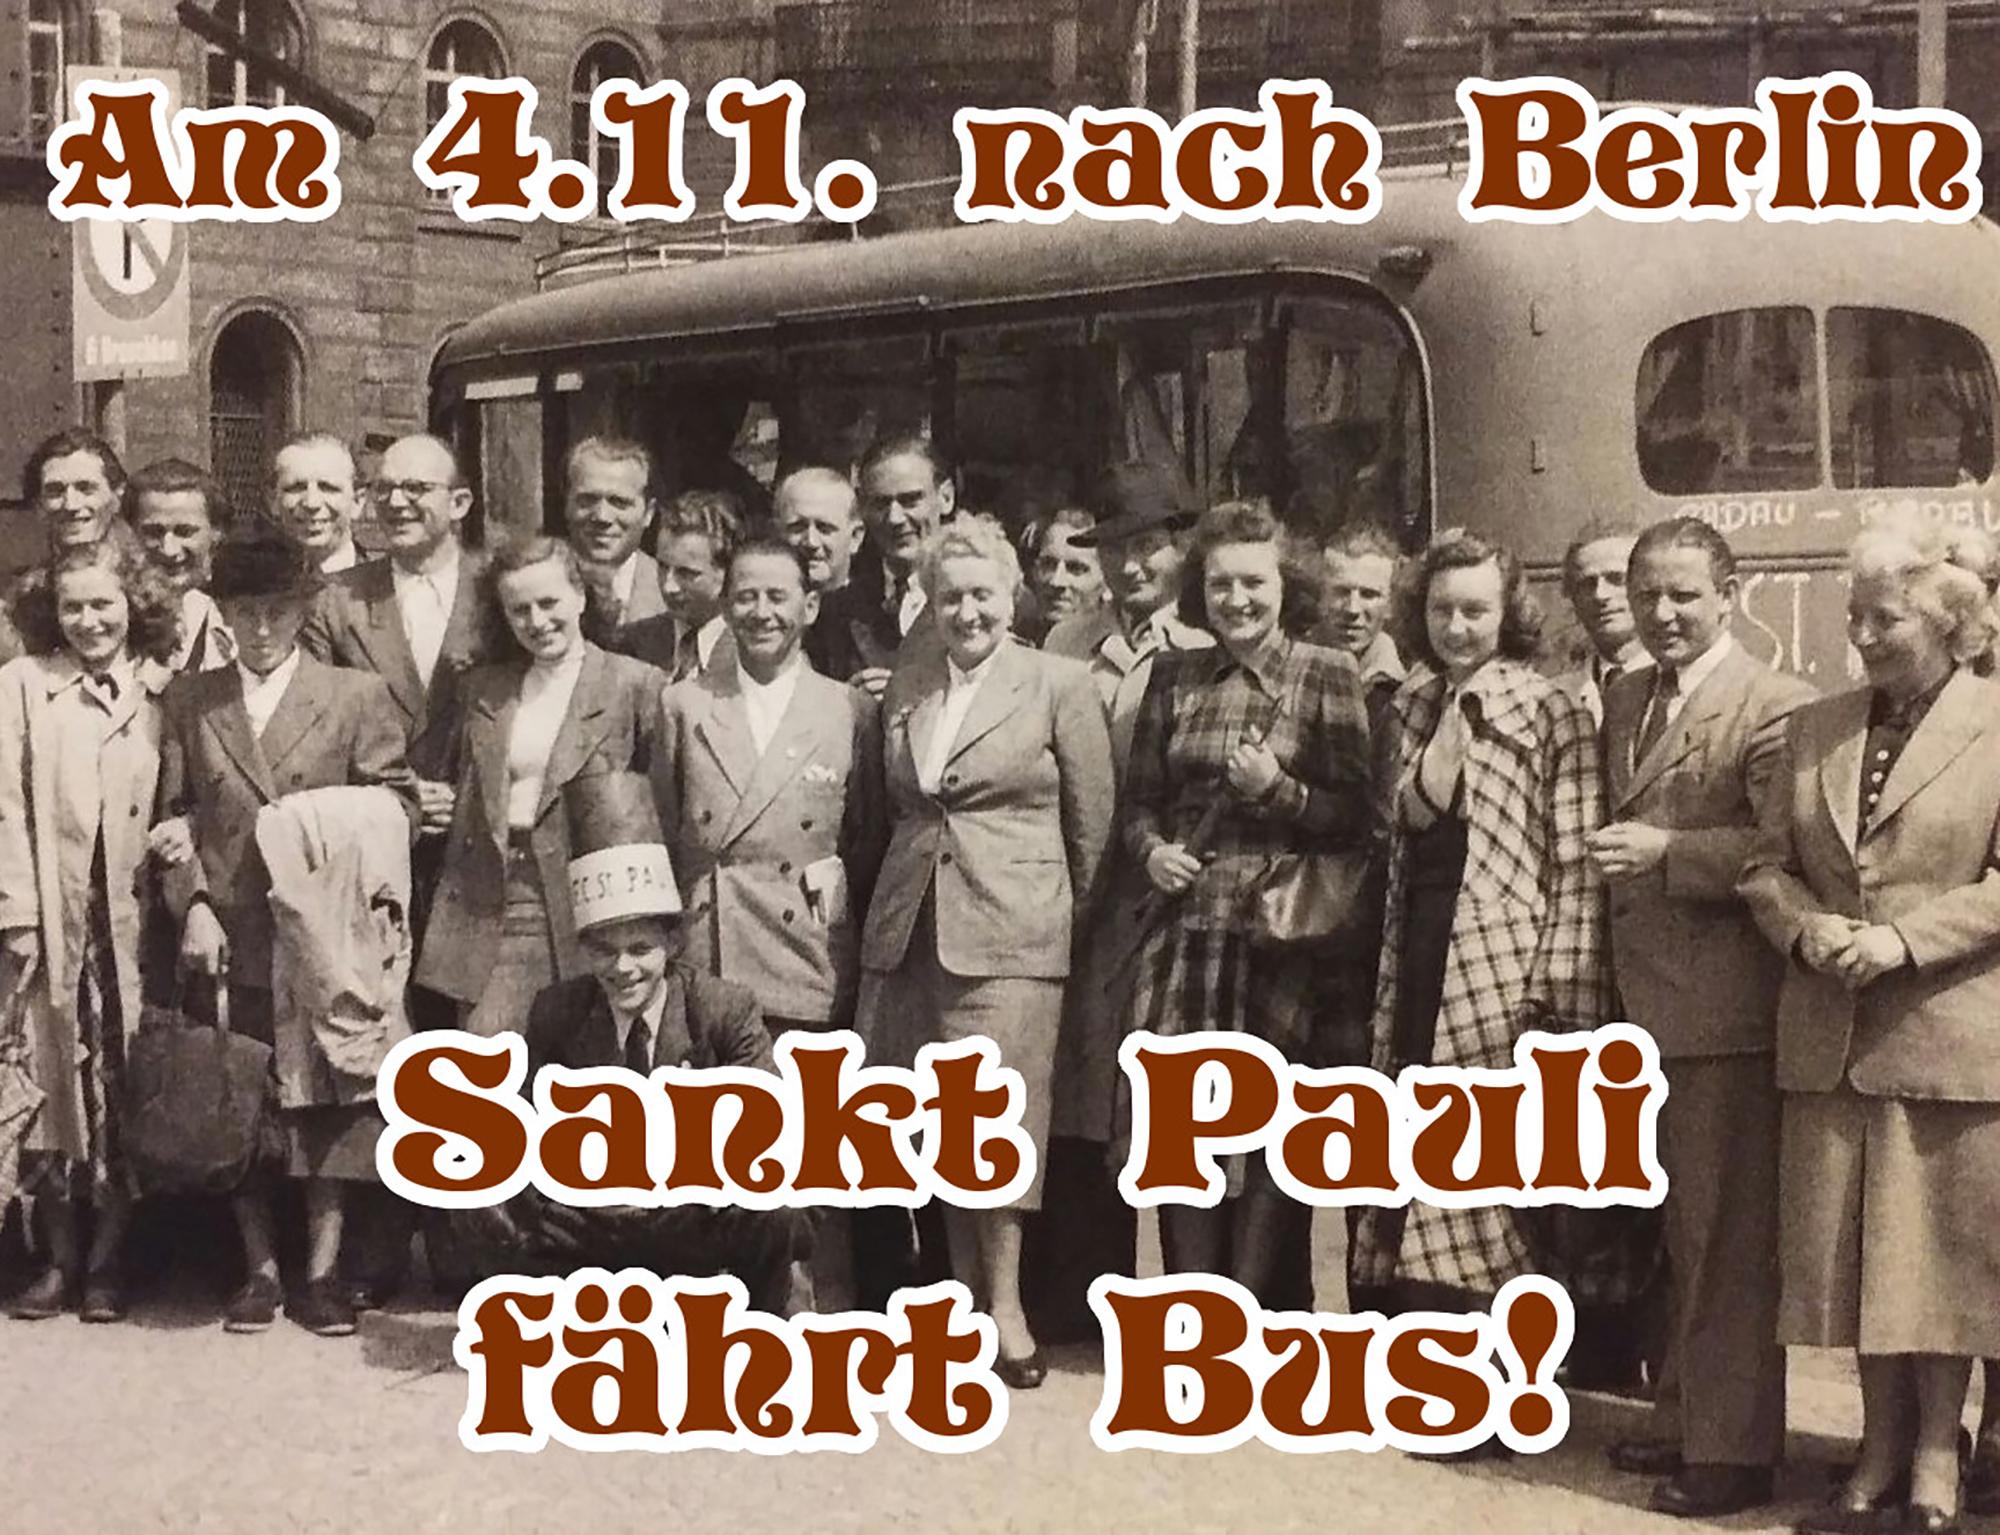 Ultrà Sankt Pauli ruft zu gemeinsamer Fanszenen-Tour nach Berlin auf